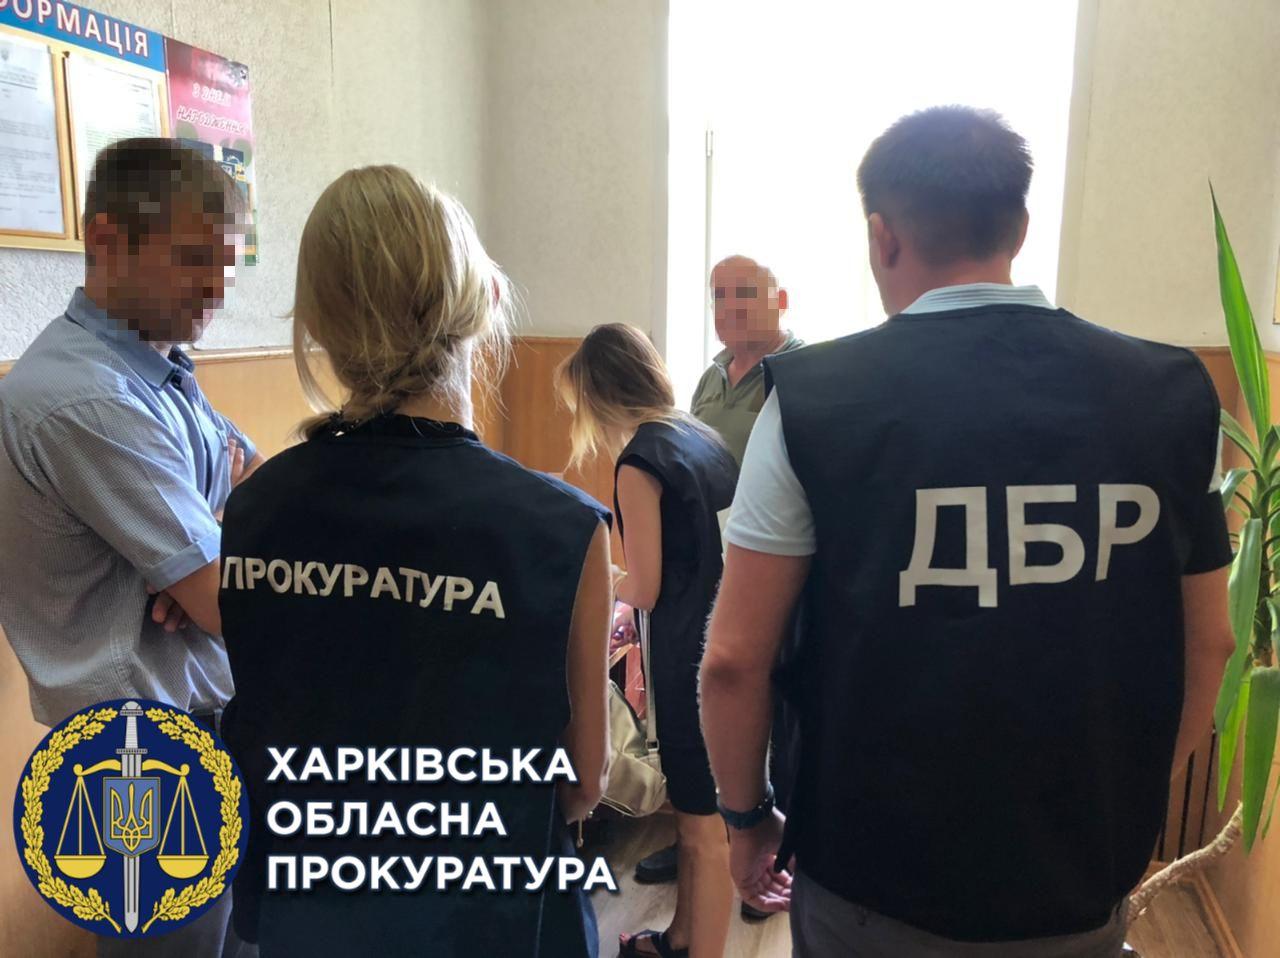 На Харьковщине мастер леса нанес государству более 600 тыс. грн убытков